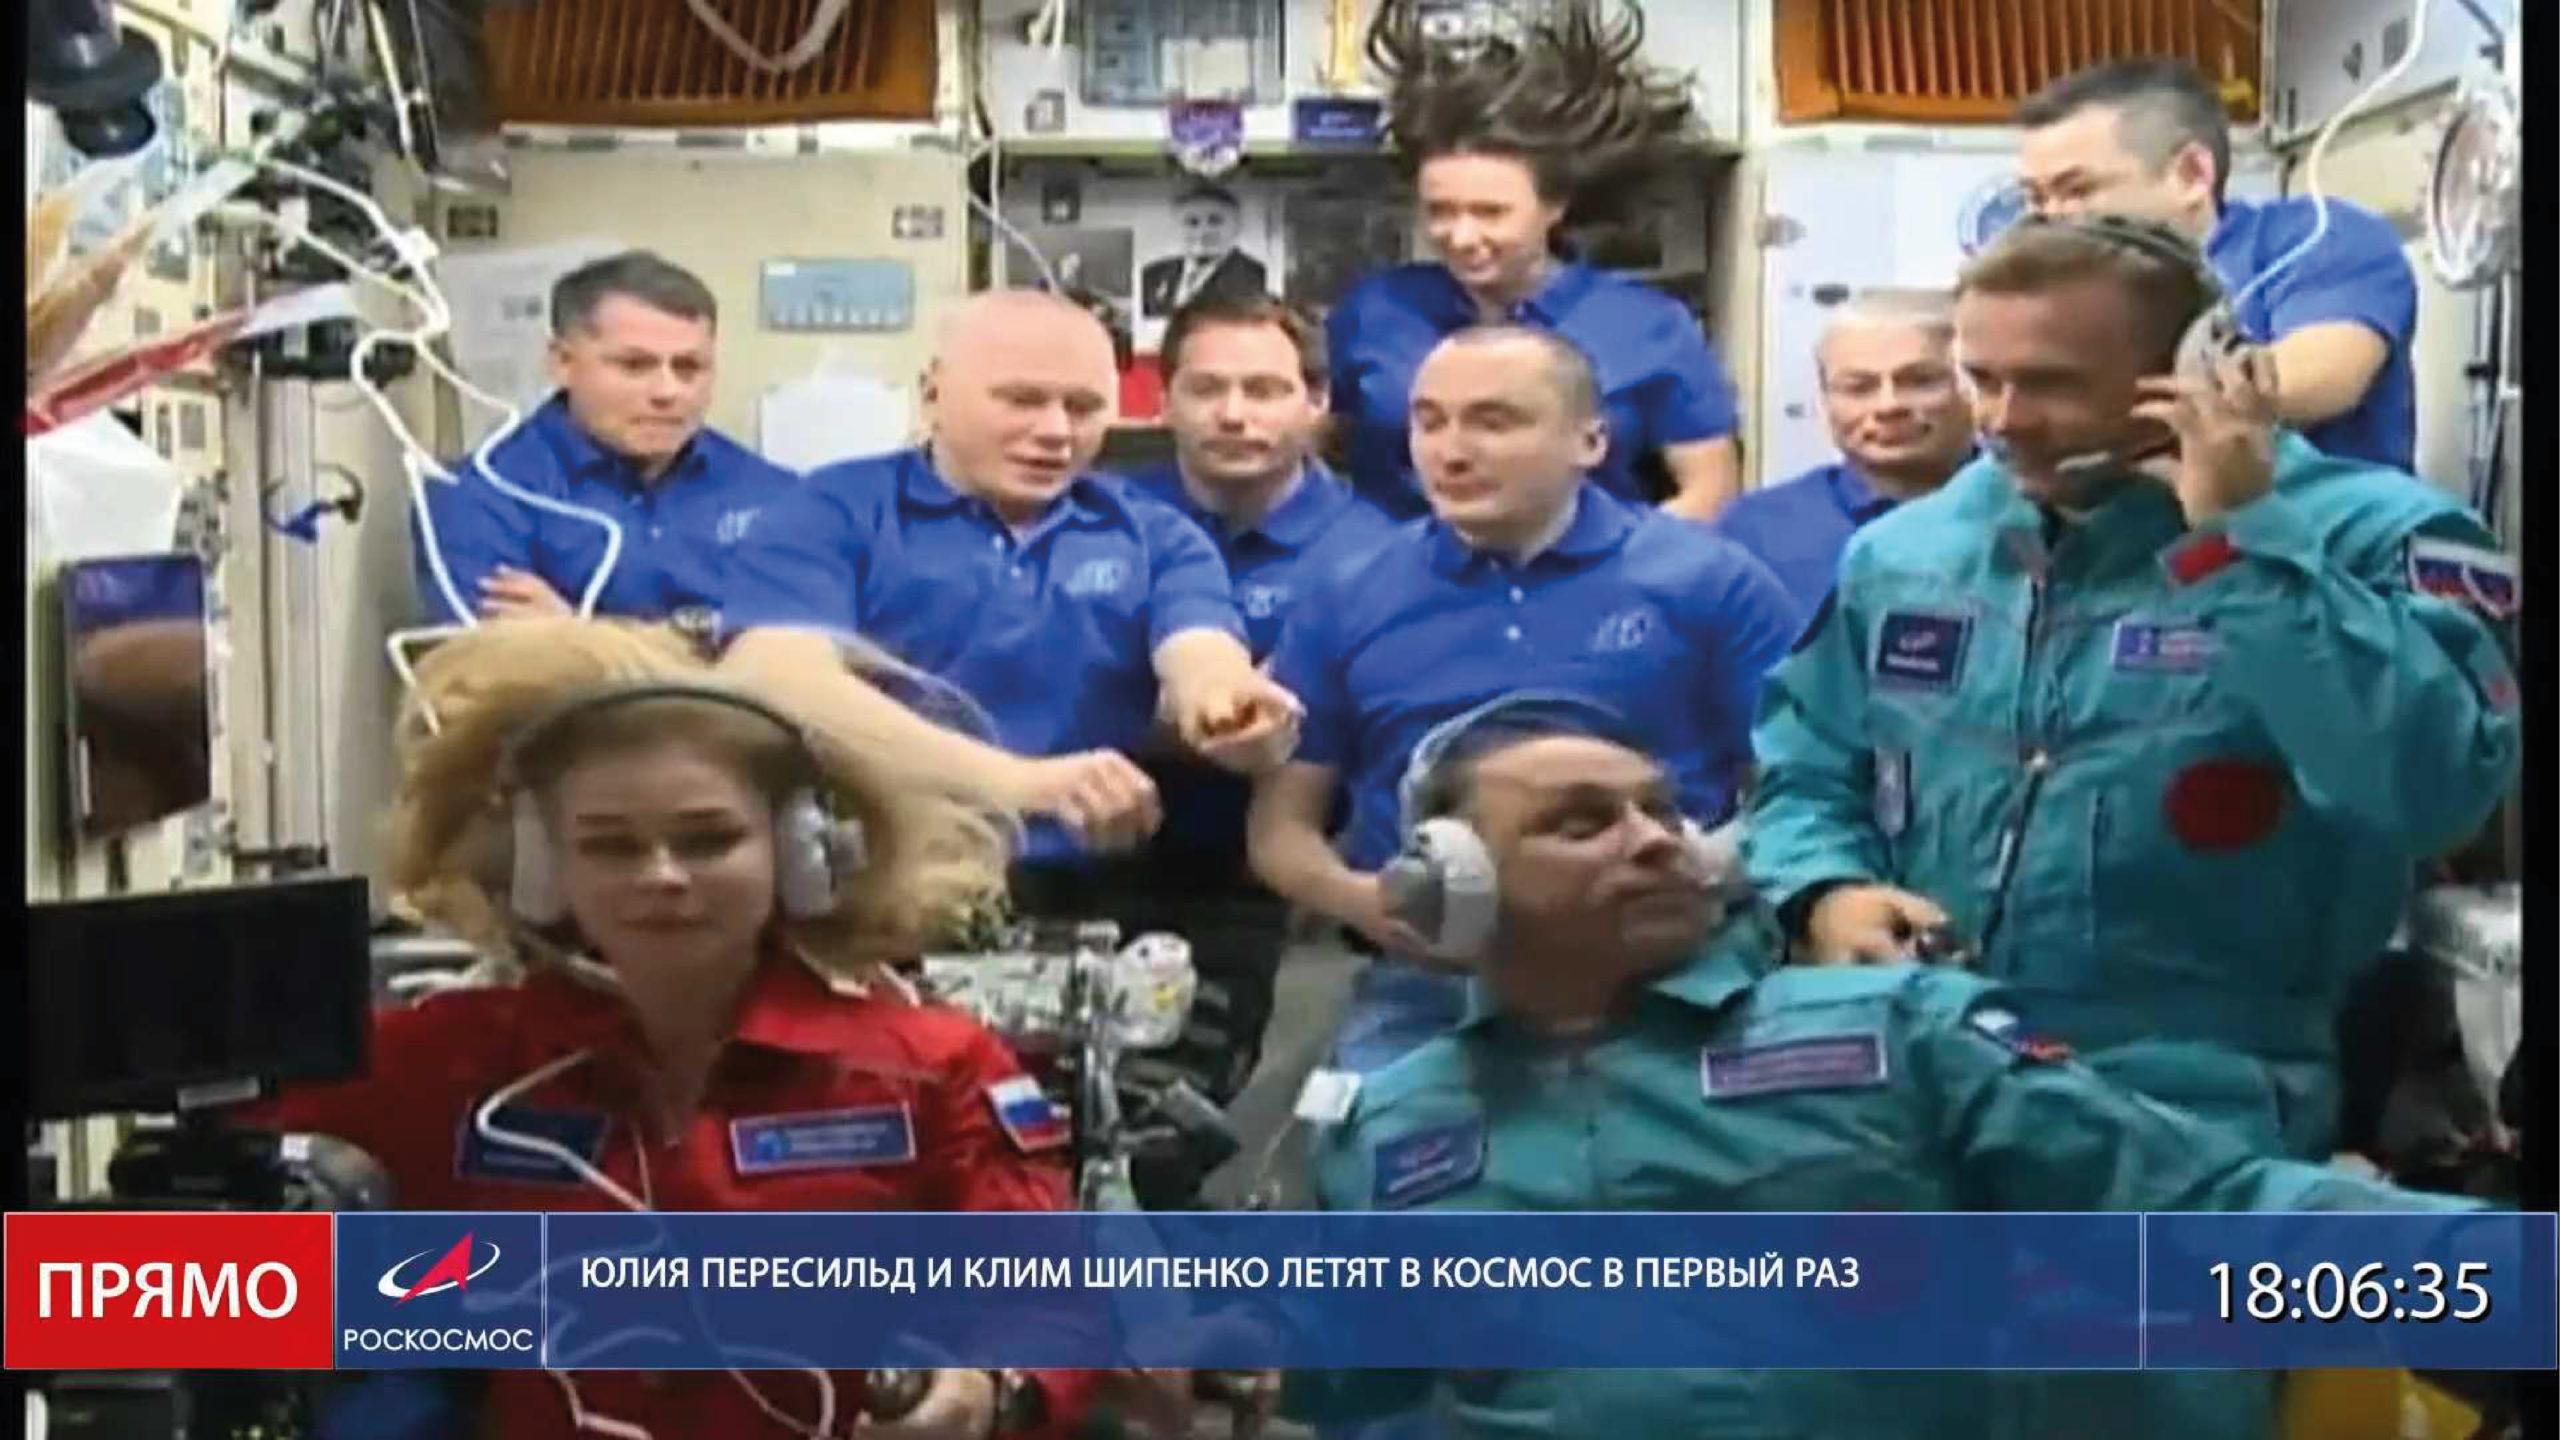 Nave con actores llega a la EEI a filmar la primera película en el espacio